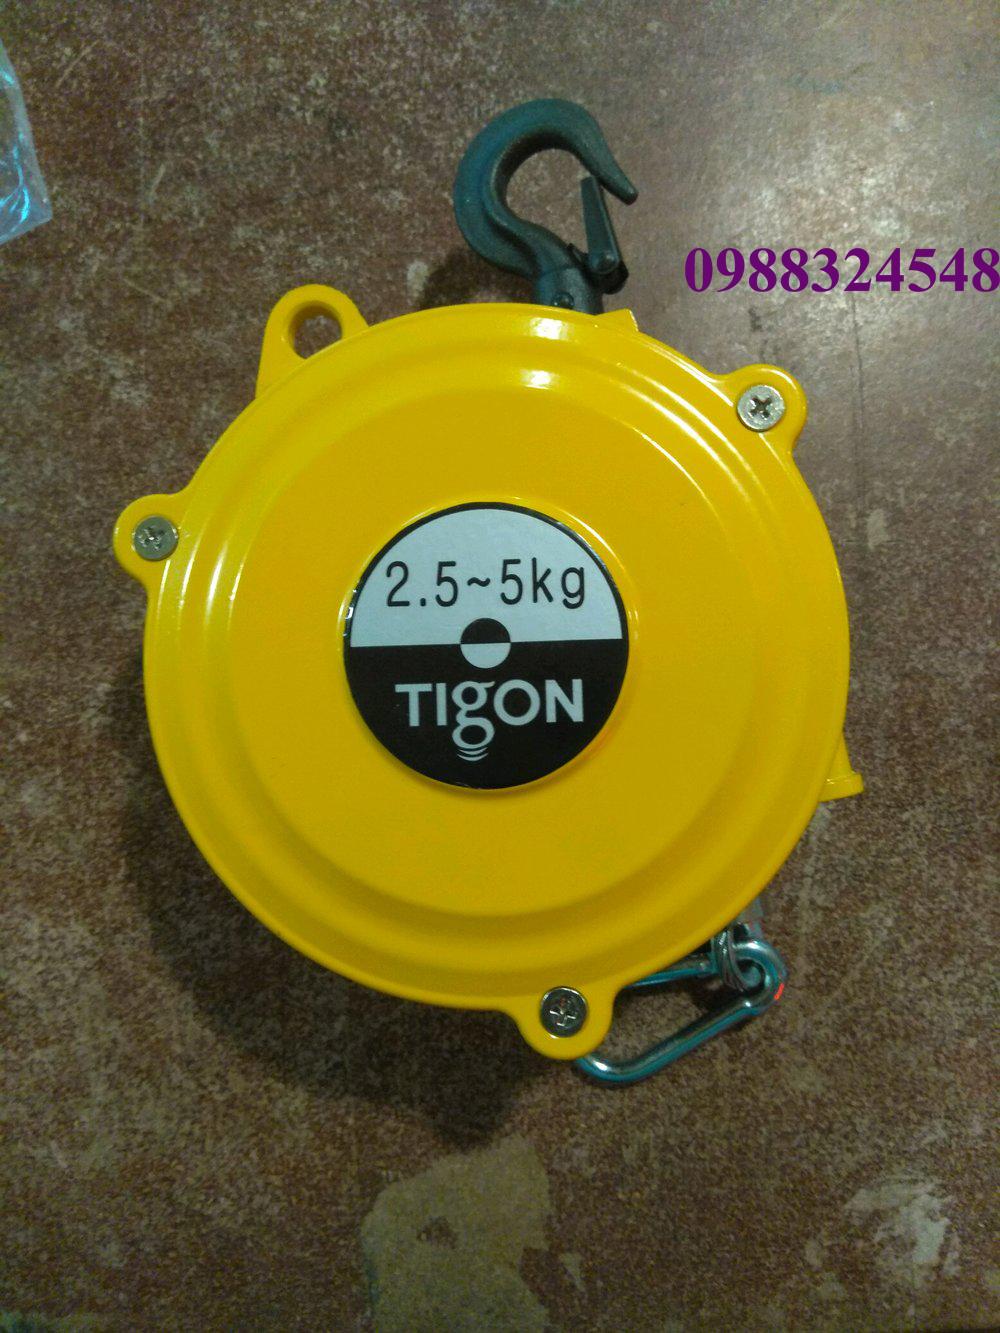 Pa lăng cân bằng Tigon TW-5